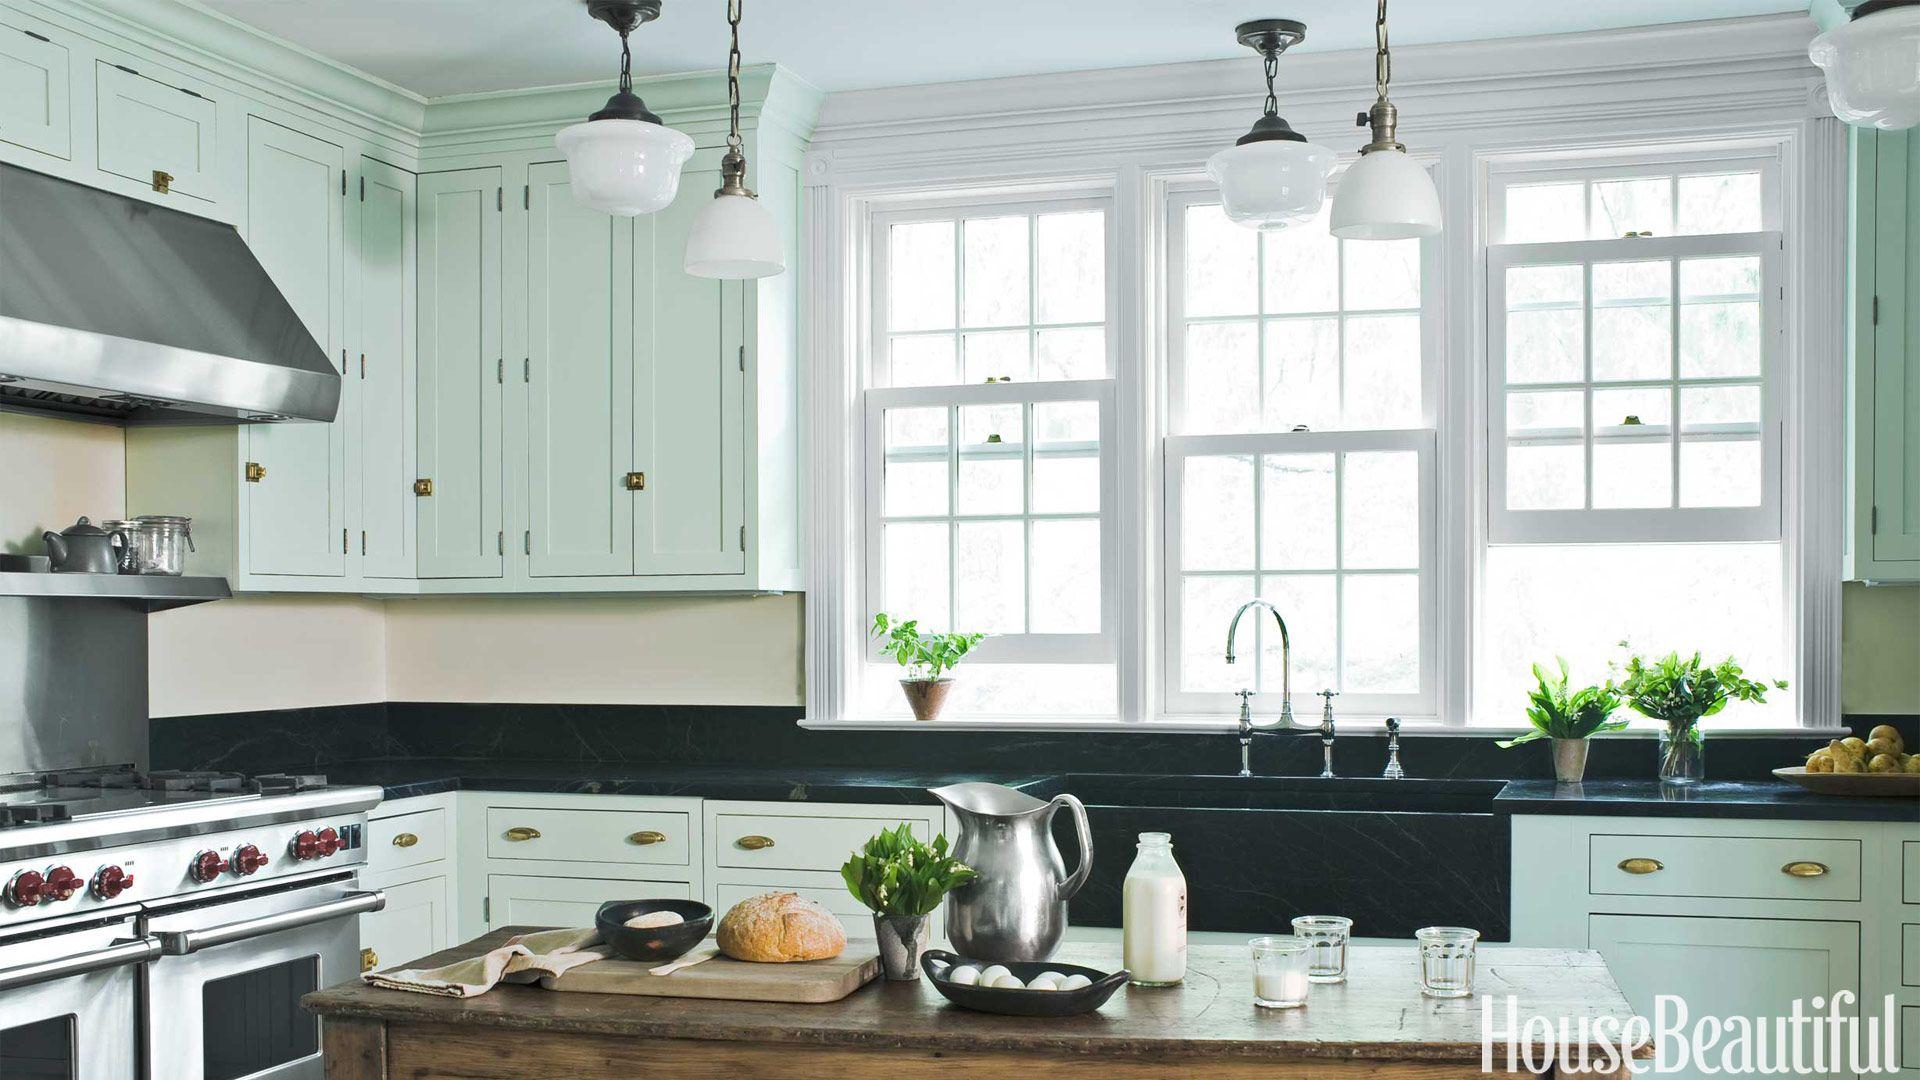 Küchendesign und fliesen our favorite kitchen paint colors of all time  wohnen  pinterest